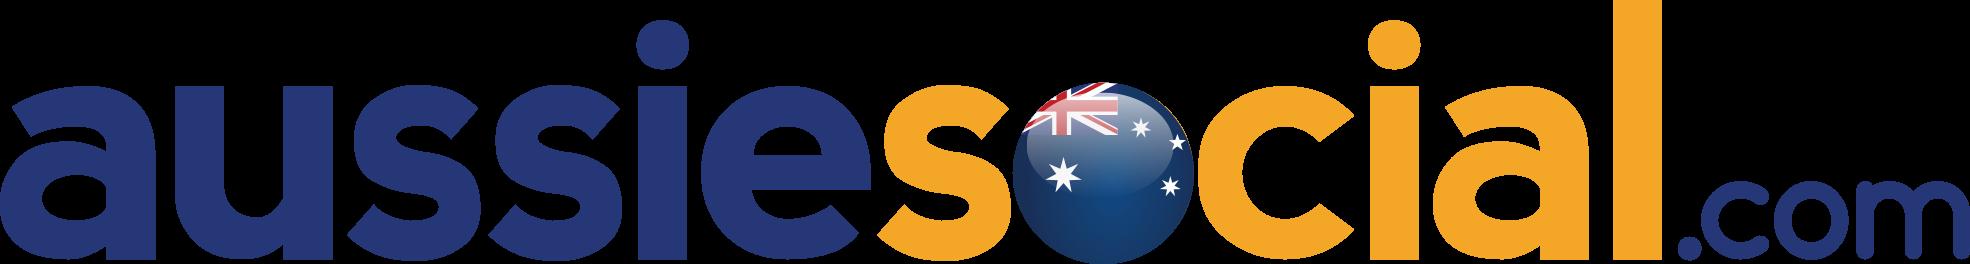 Aussie Social